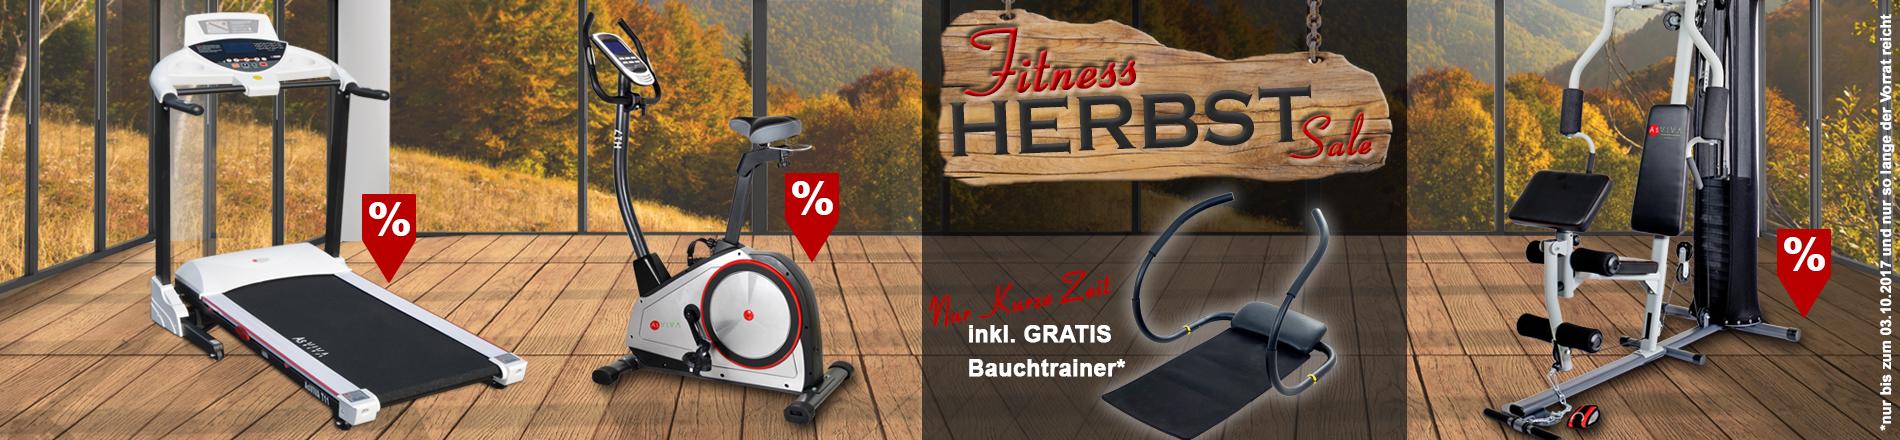 Heimtrainer, Laufband, Kraftstation und Ruderger�t g�nstig im FITNESS-HERBST kaufen. Bauchtrainer GRATIS.